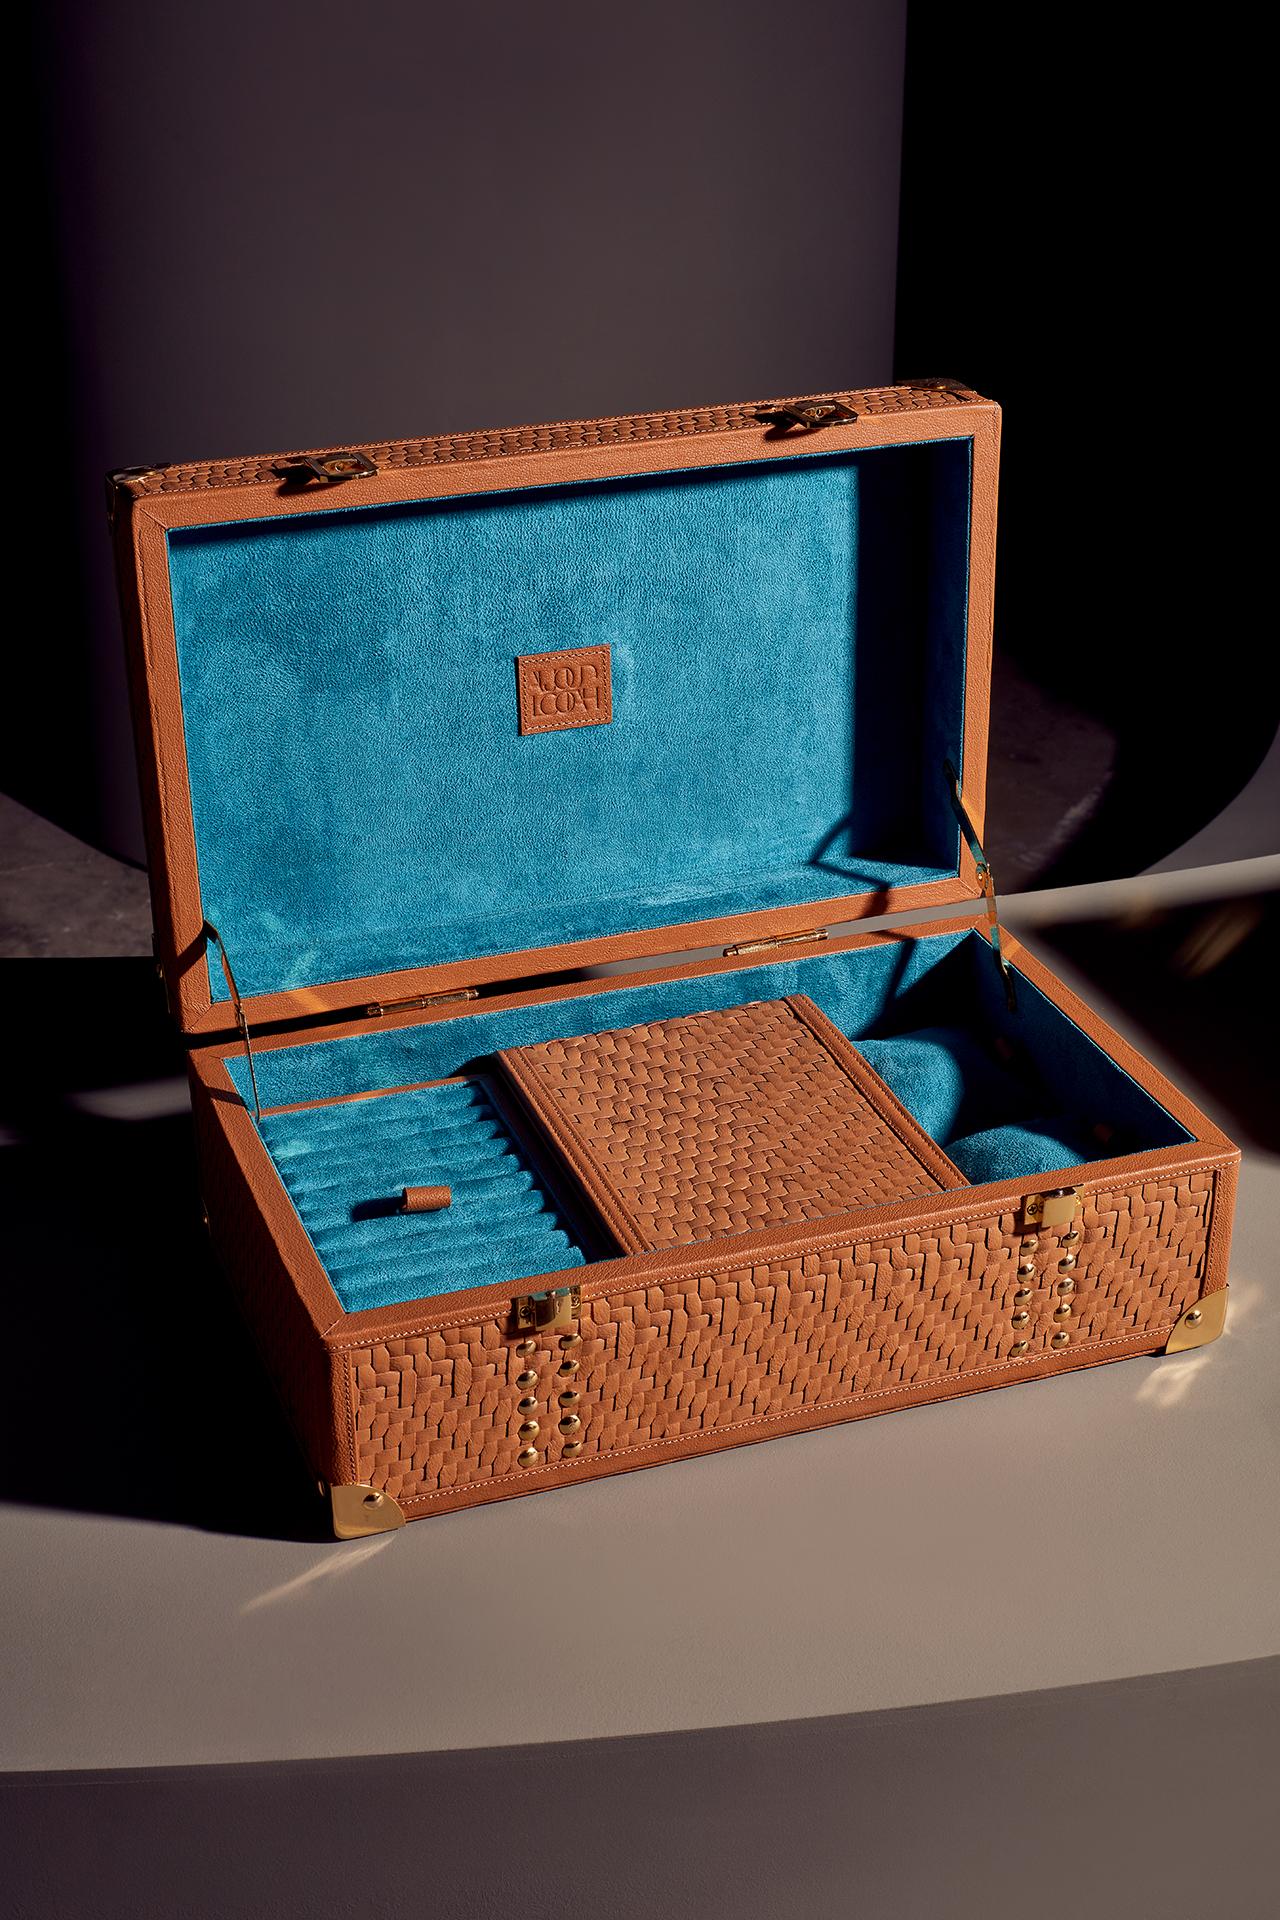 Aljoud Lootah Continues to Explore Emirati Culture Through Product Design